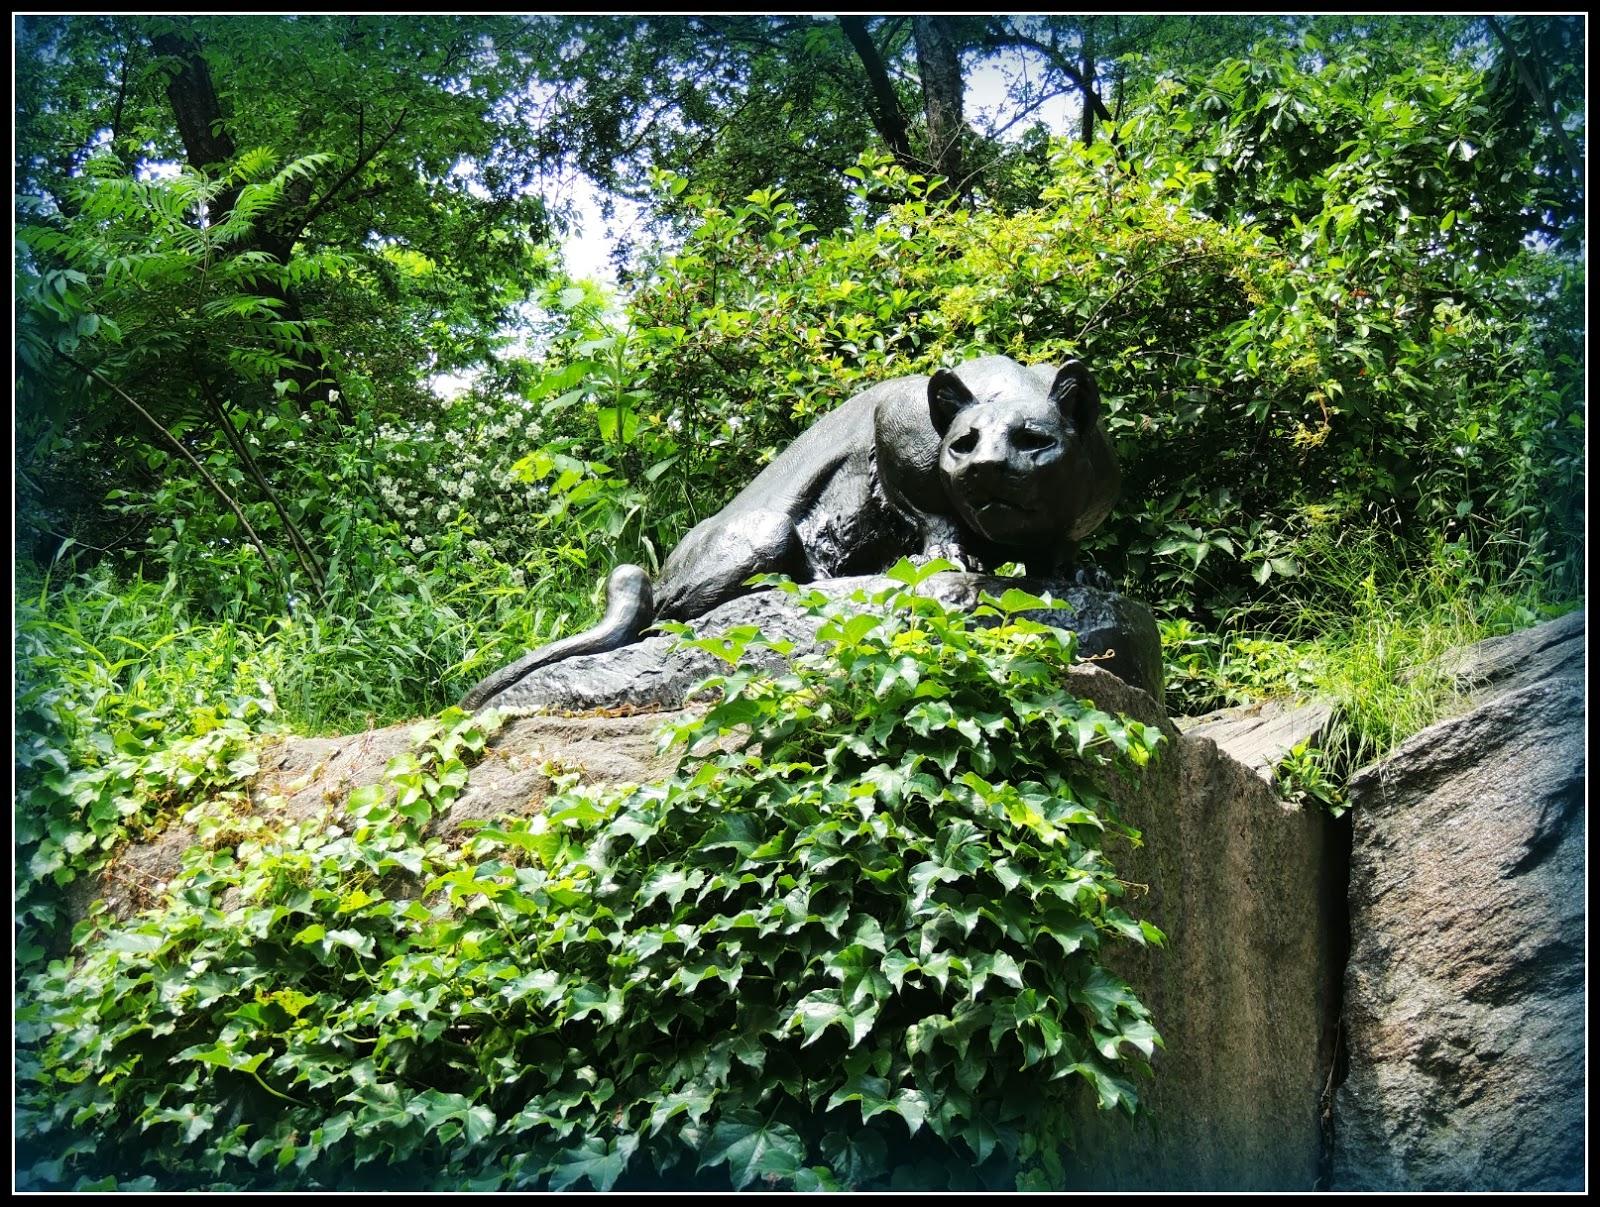 NY en 3 Días: Escultura Still Hunt en Central Park